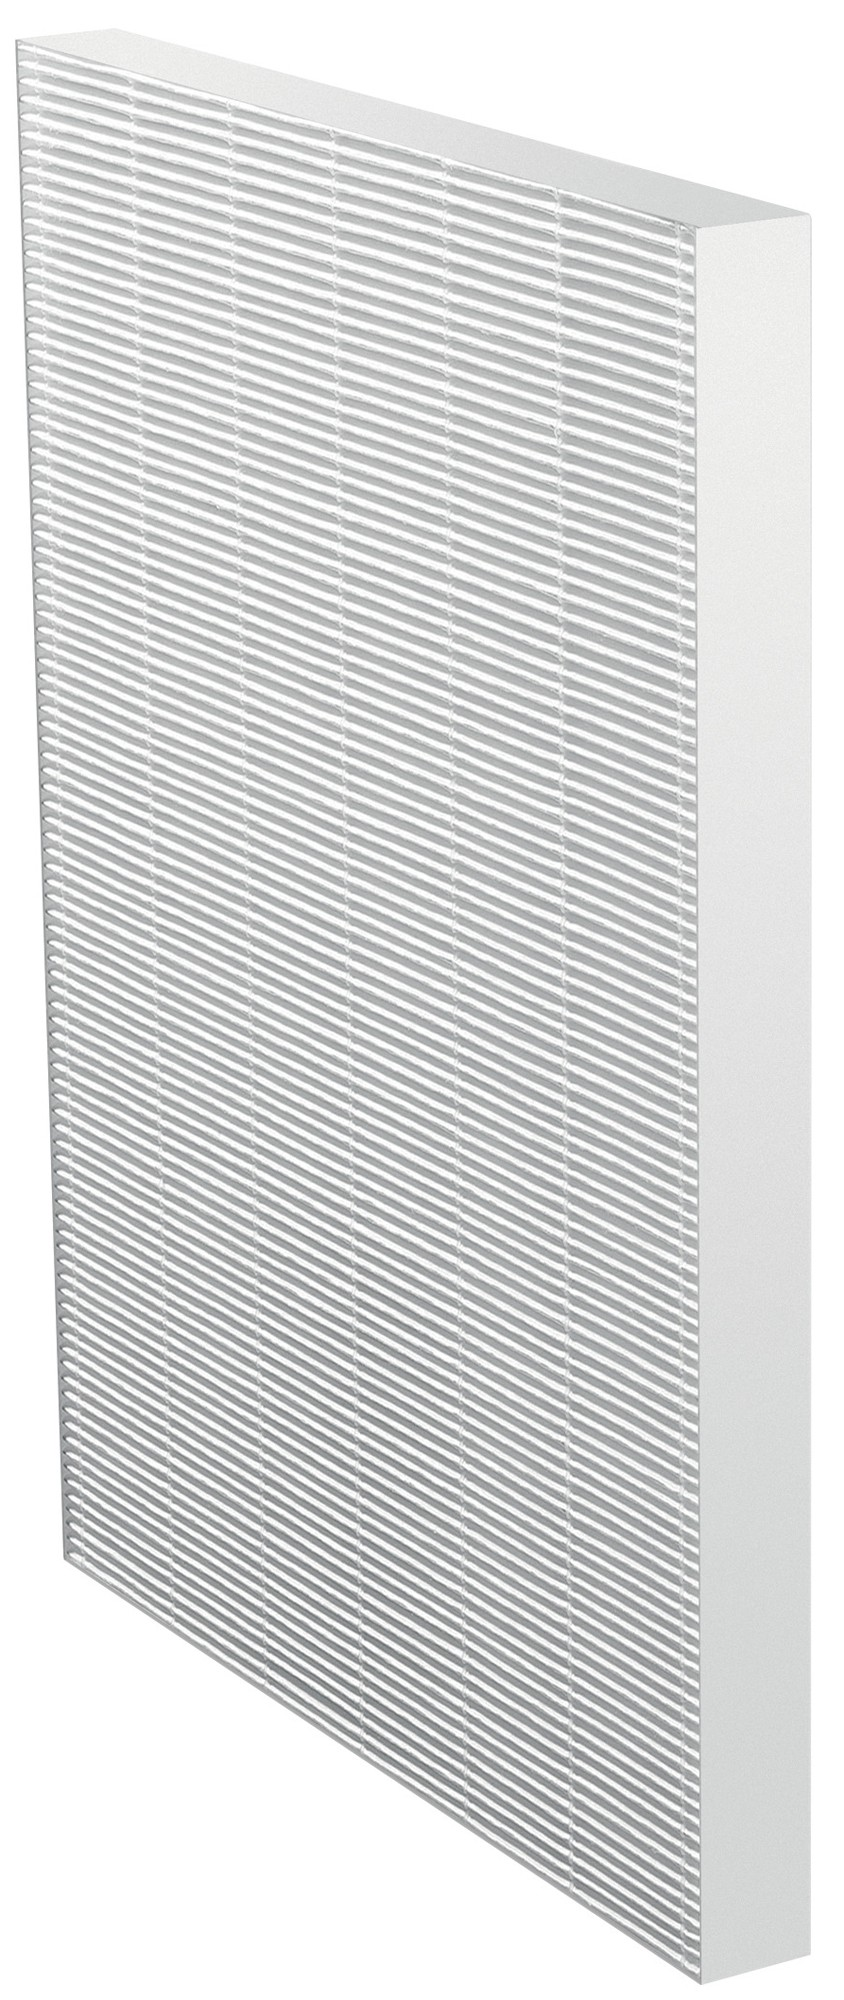 Electrolux hepafilter EF113